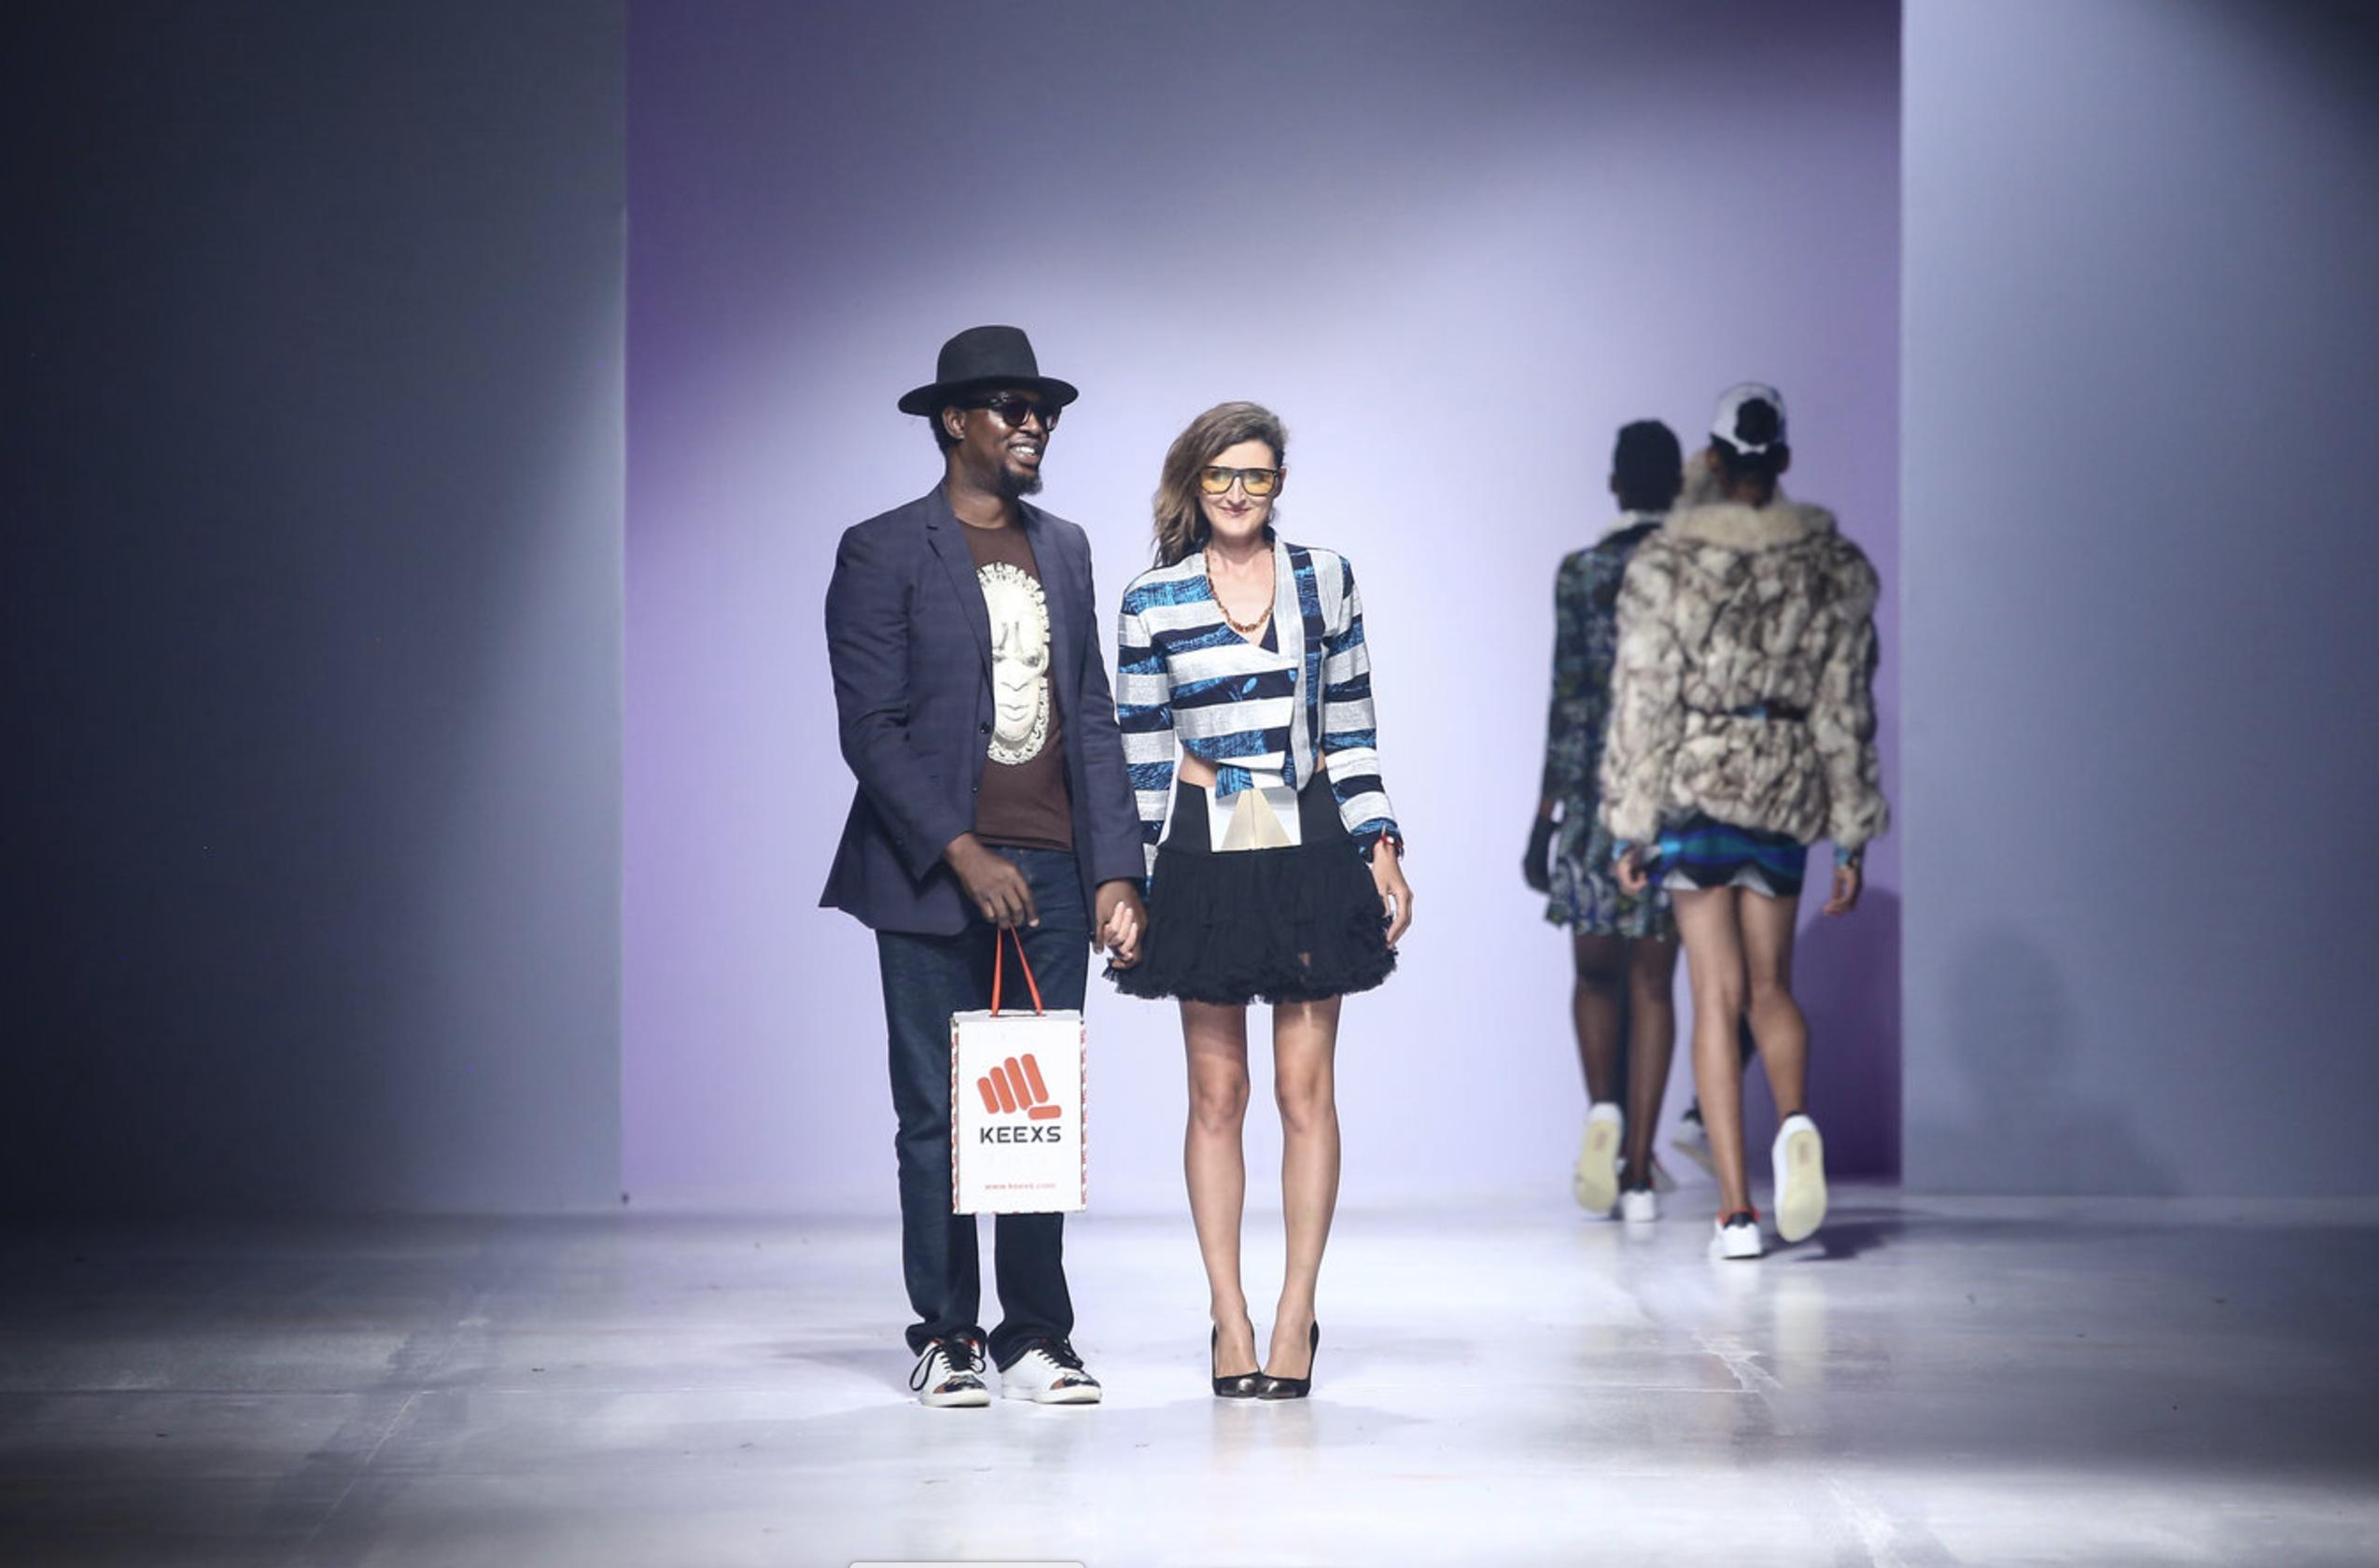 Interview With Fashion Designer Caterina Bortolussi